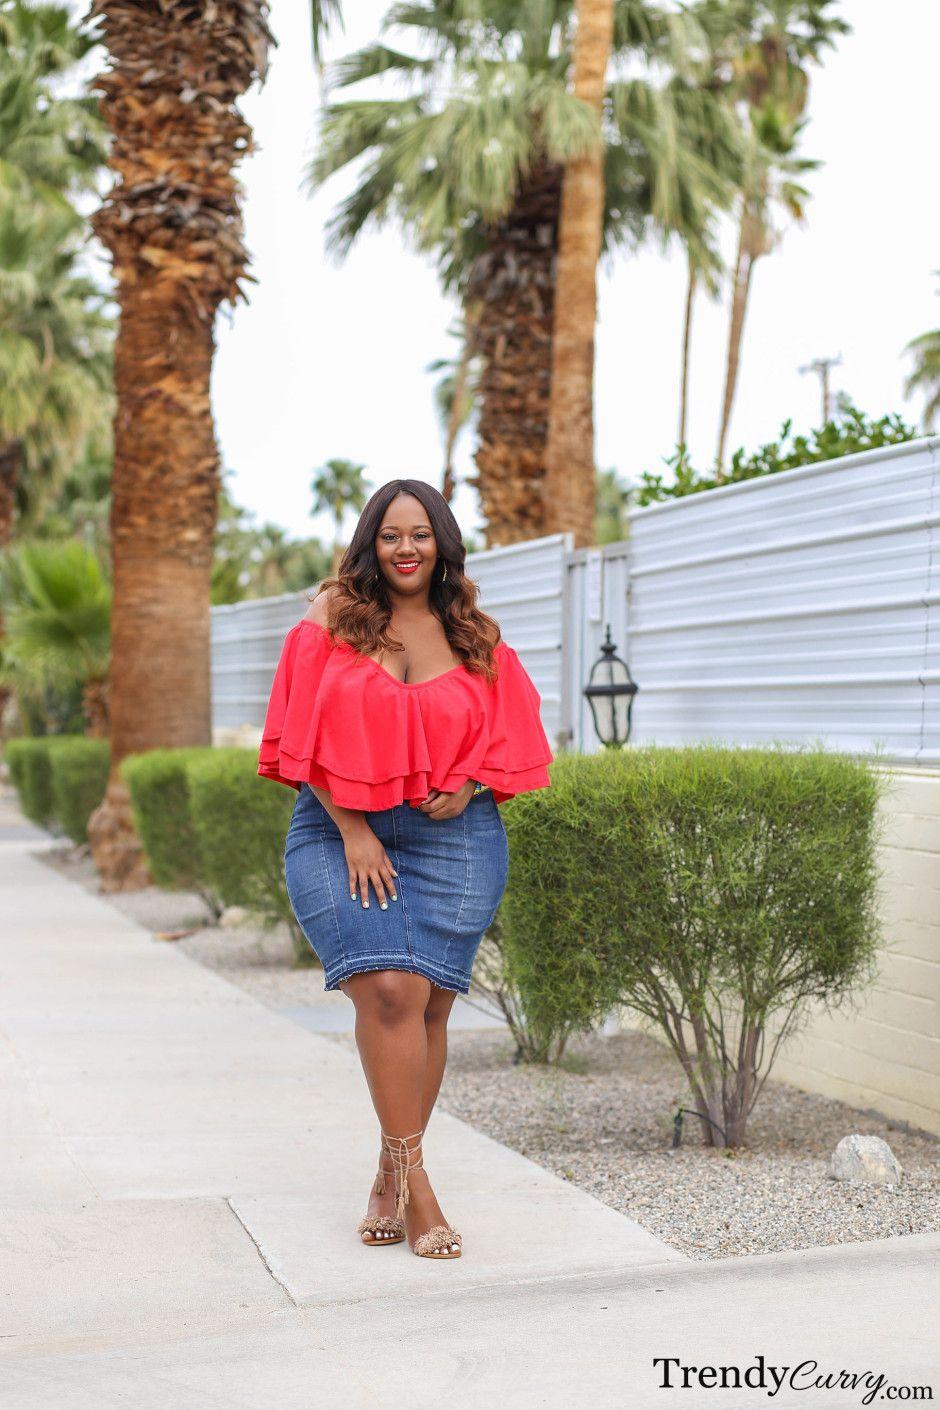 e040afaf3da4 TrendyCurvy Travels: Coachella 2018 | Plus Size Fashion | Fashion ...